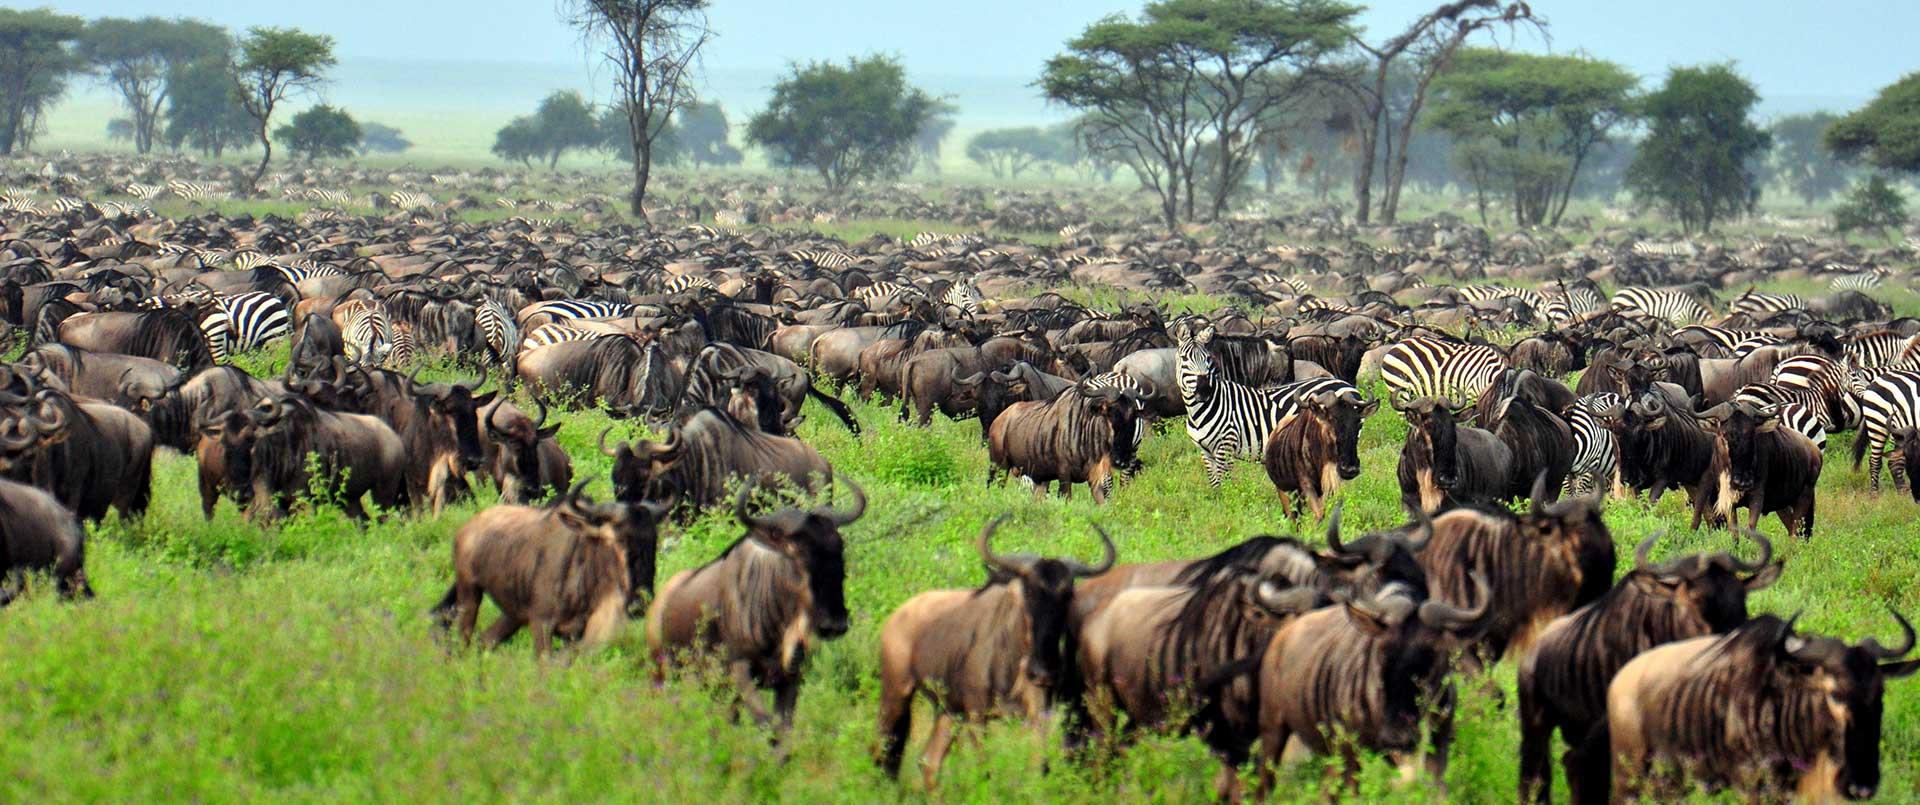 Honeymoon in Tanzania and Zanzibar